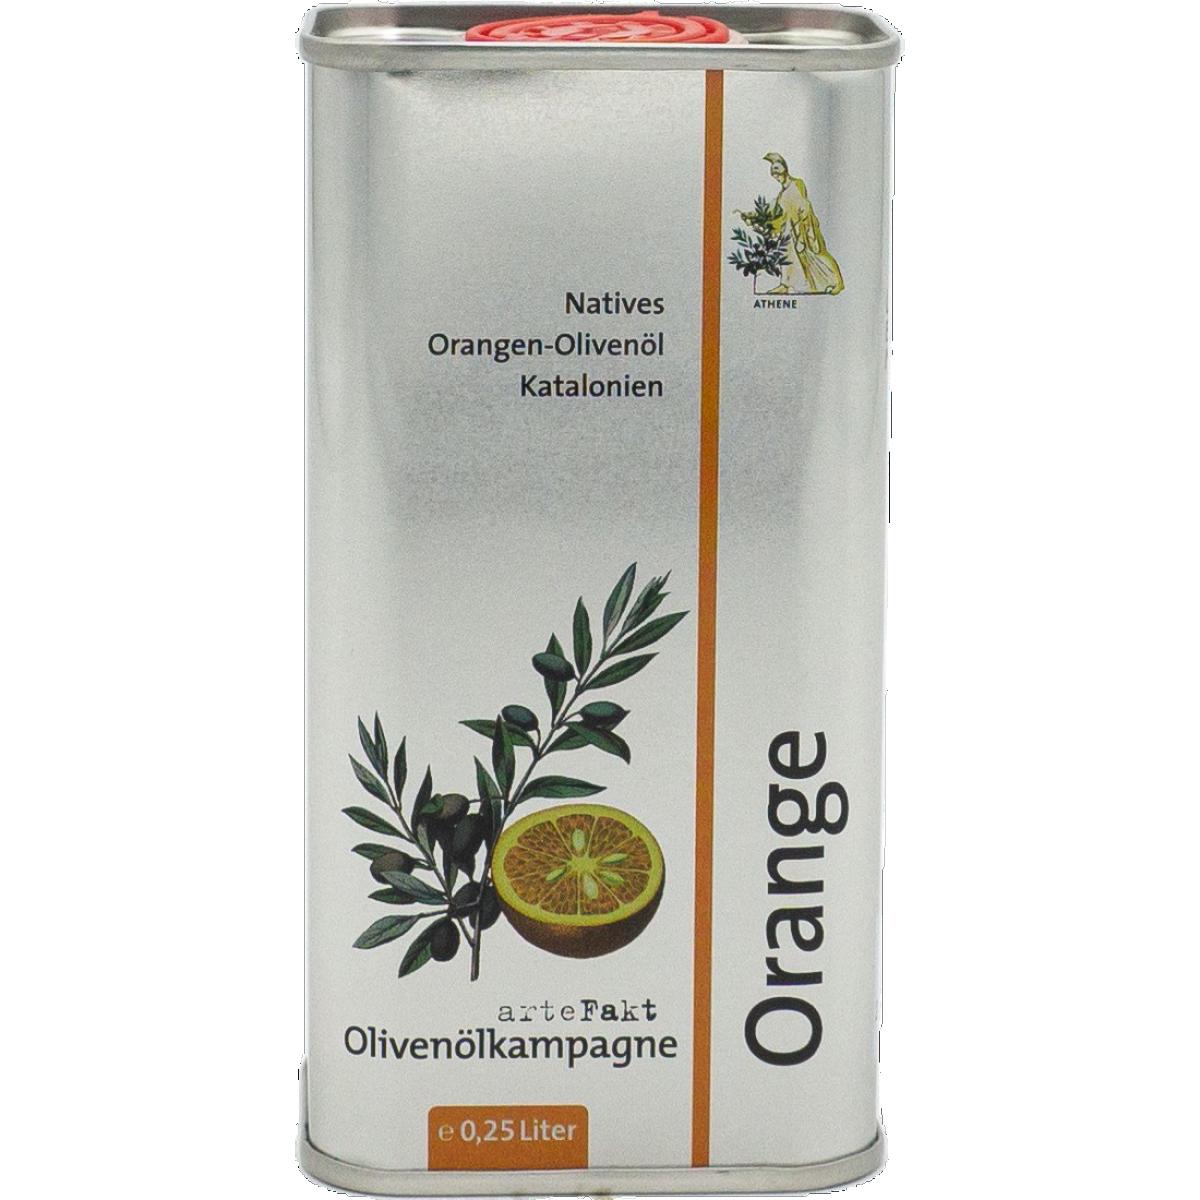 BIO Orangen-Olivenöl, nativ